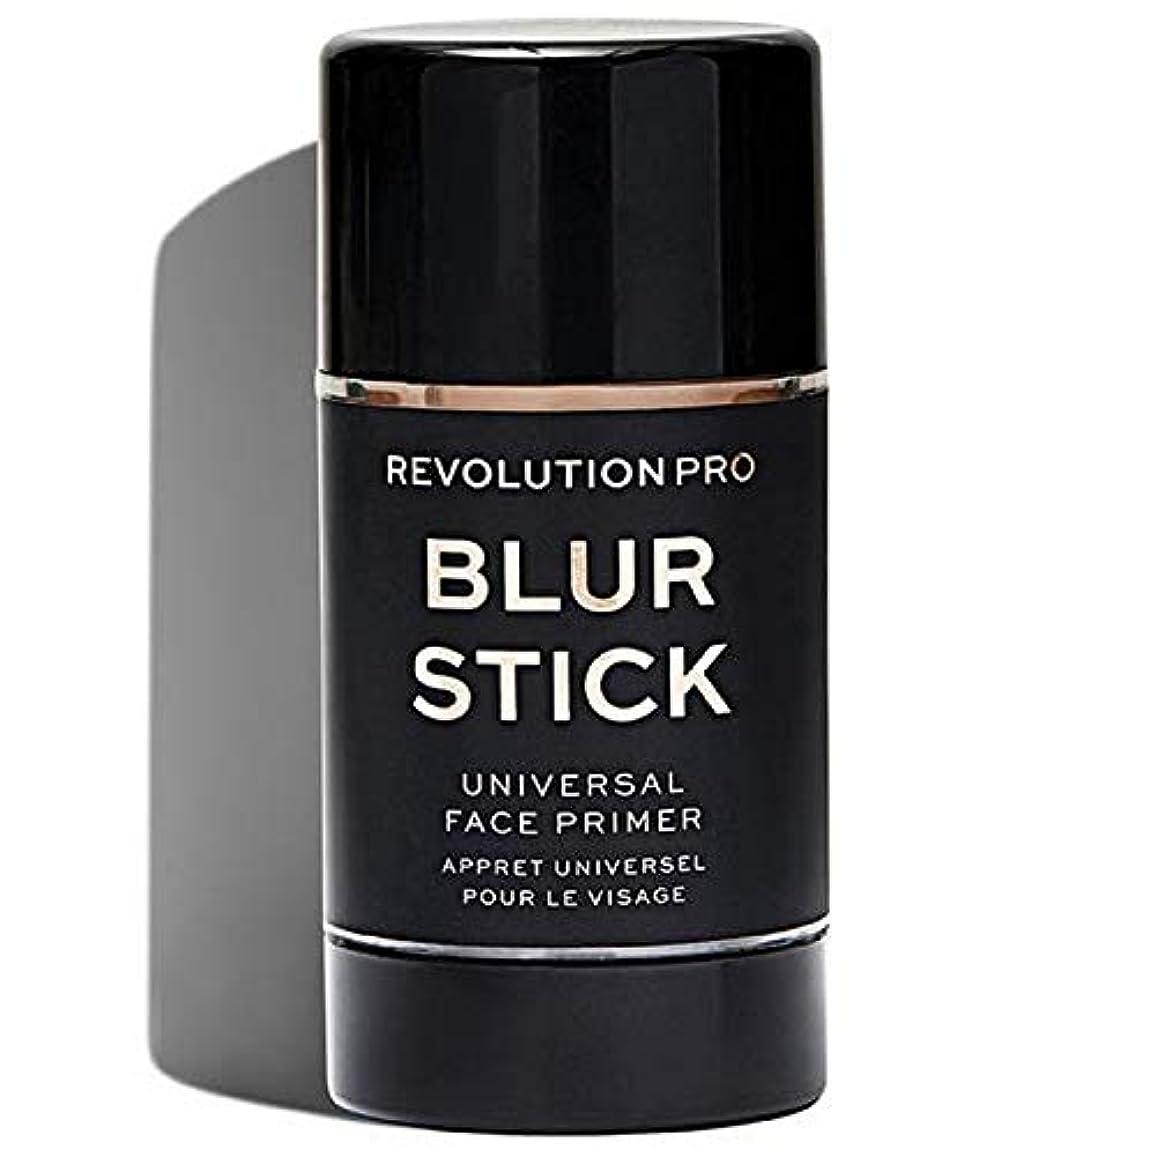 オリエンタルカウントアップ銀行[Revolution ] 革命プロブラースティック - Revolution Pro Blur Stick [並行輸入品]